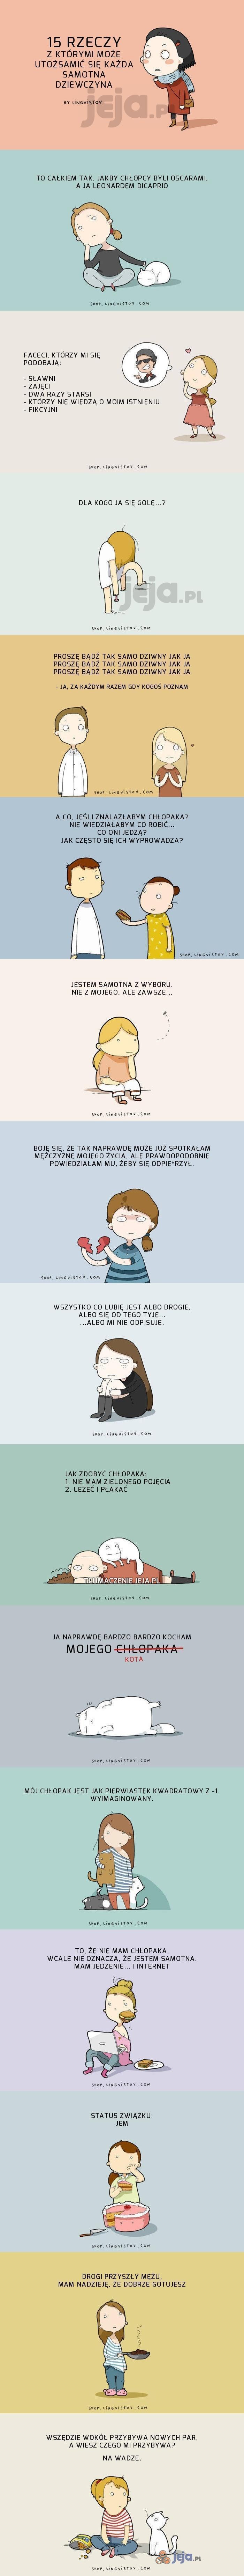 Problemy samotnych dziewczyn